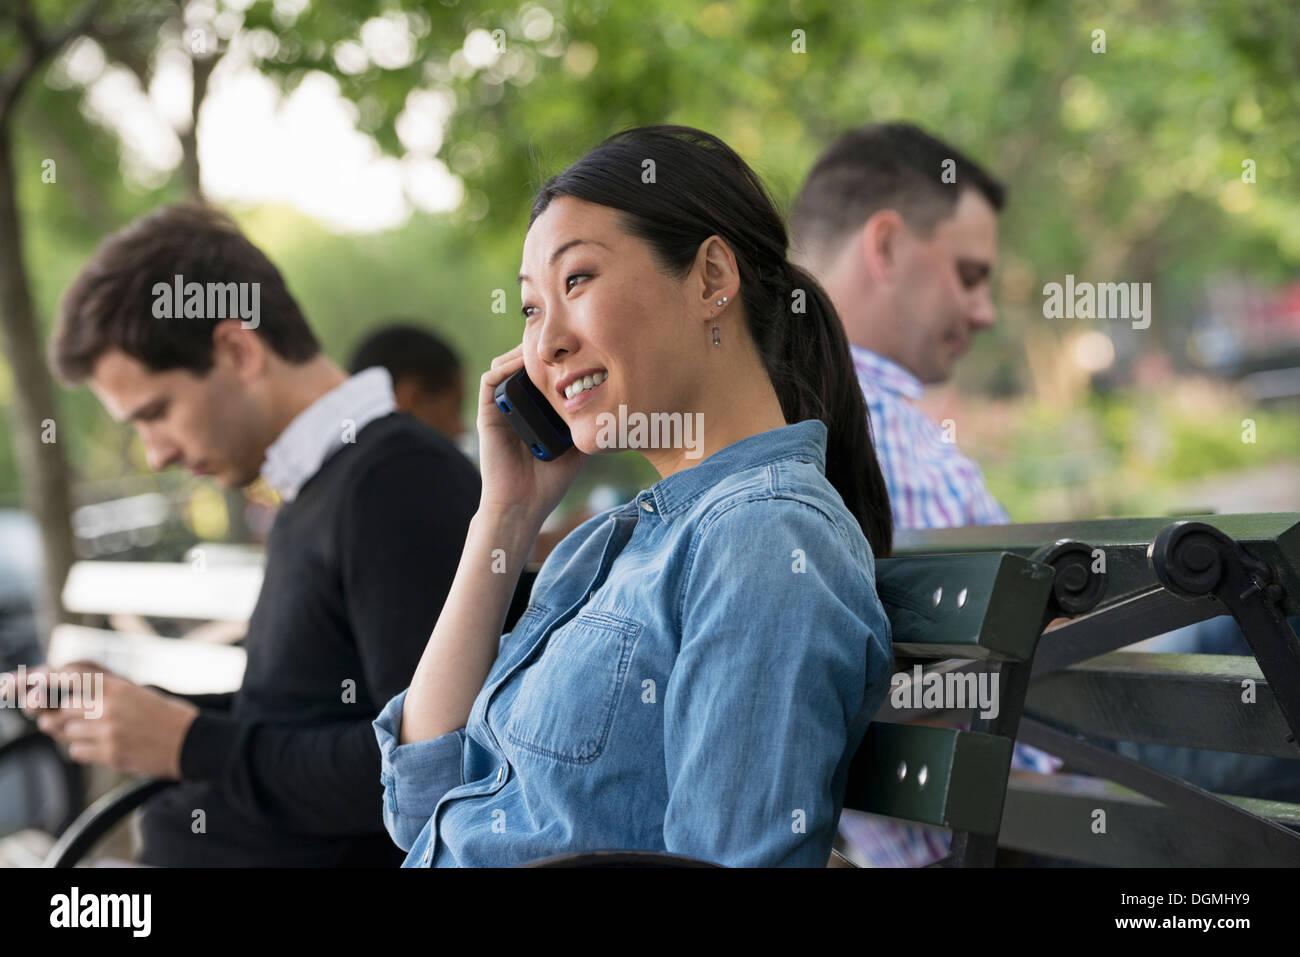 El verano en la ciudad. Una mujer y tres hombres sentados en el parque, cada uno en su propio teléfono o usando un tablet. Imagen De Stock